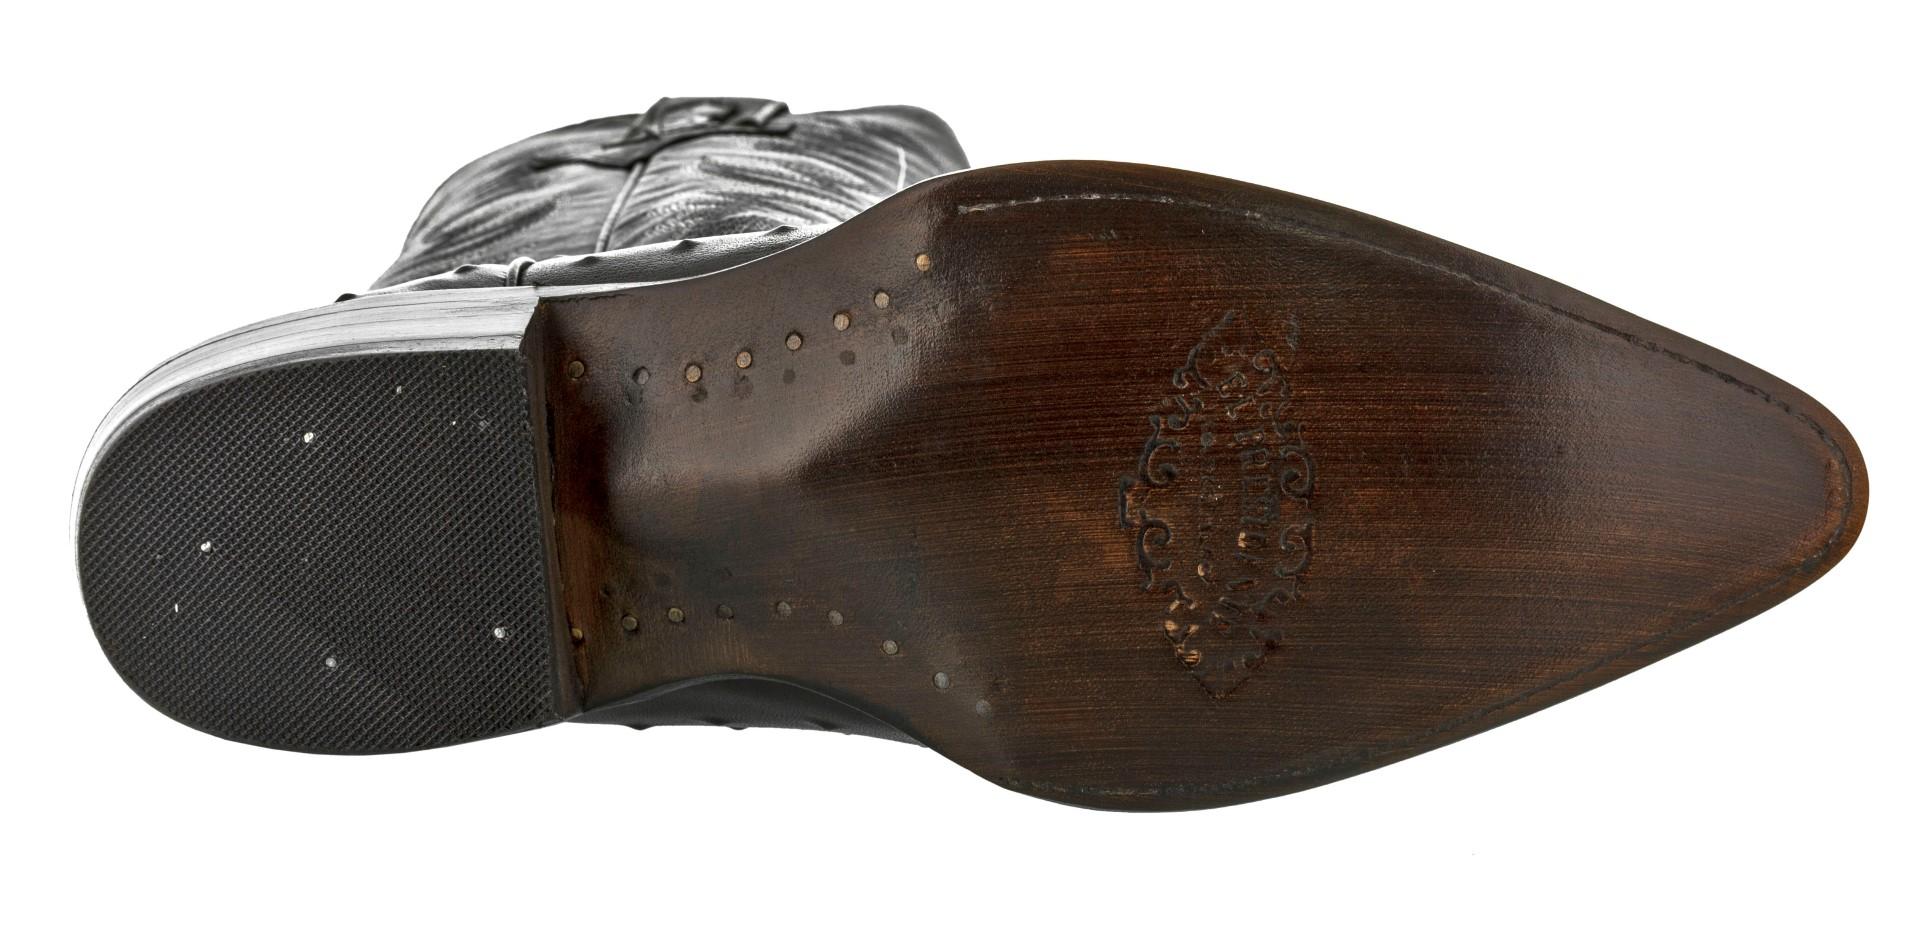 Hombre Negro De Piel De Cocodrilo Avestruz Patrón occidental desgaste occidental Patrón botas de vaquero J del dedo del pie a4c9c8